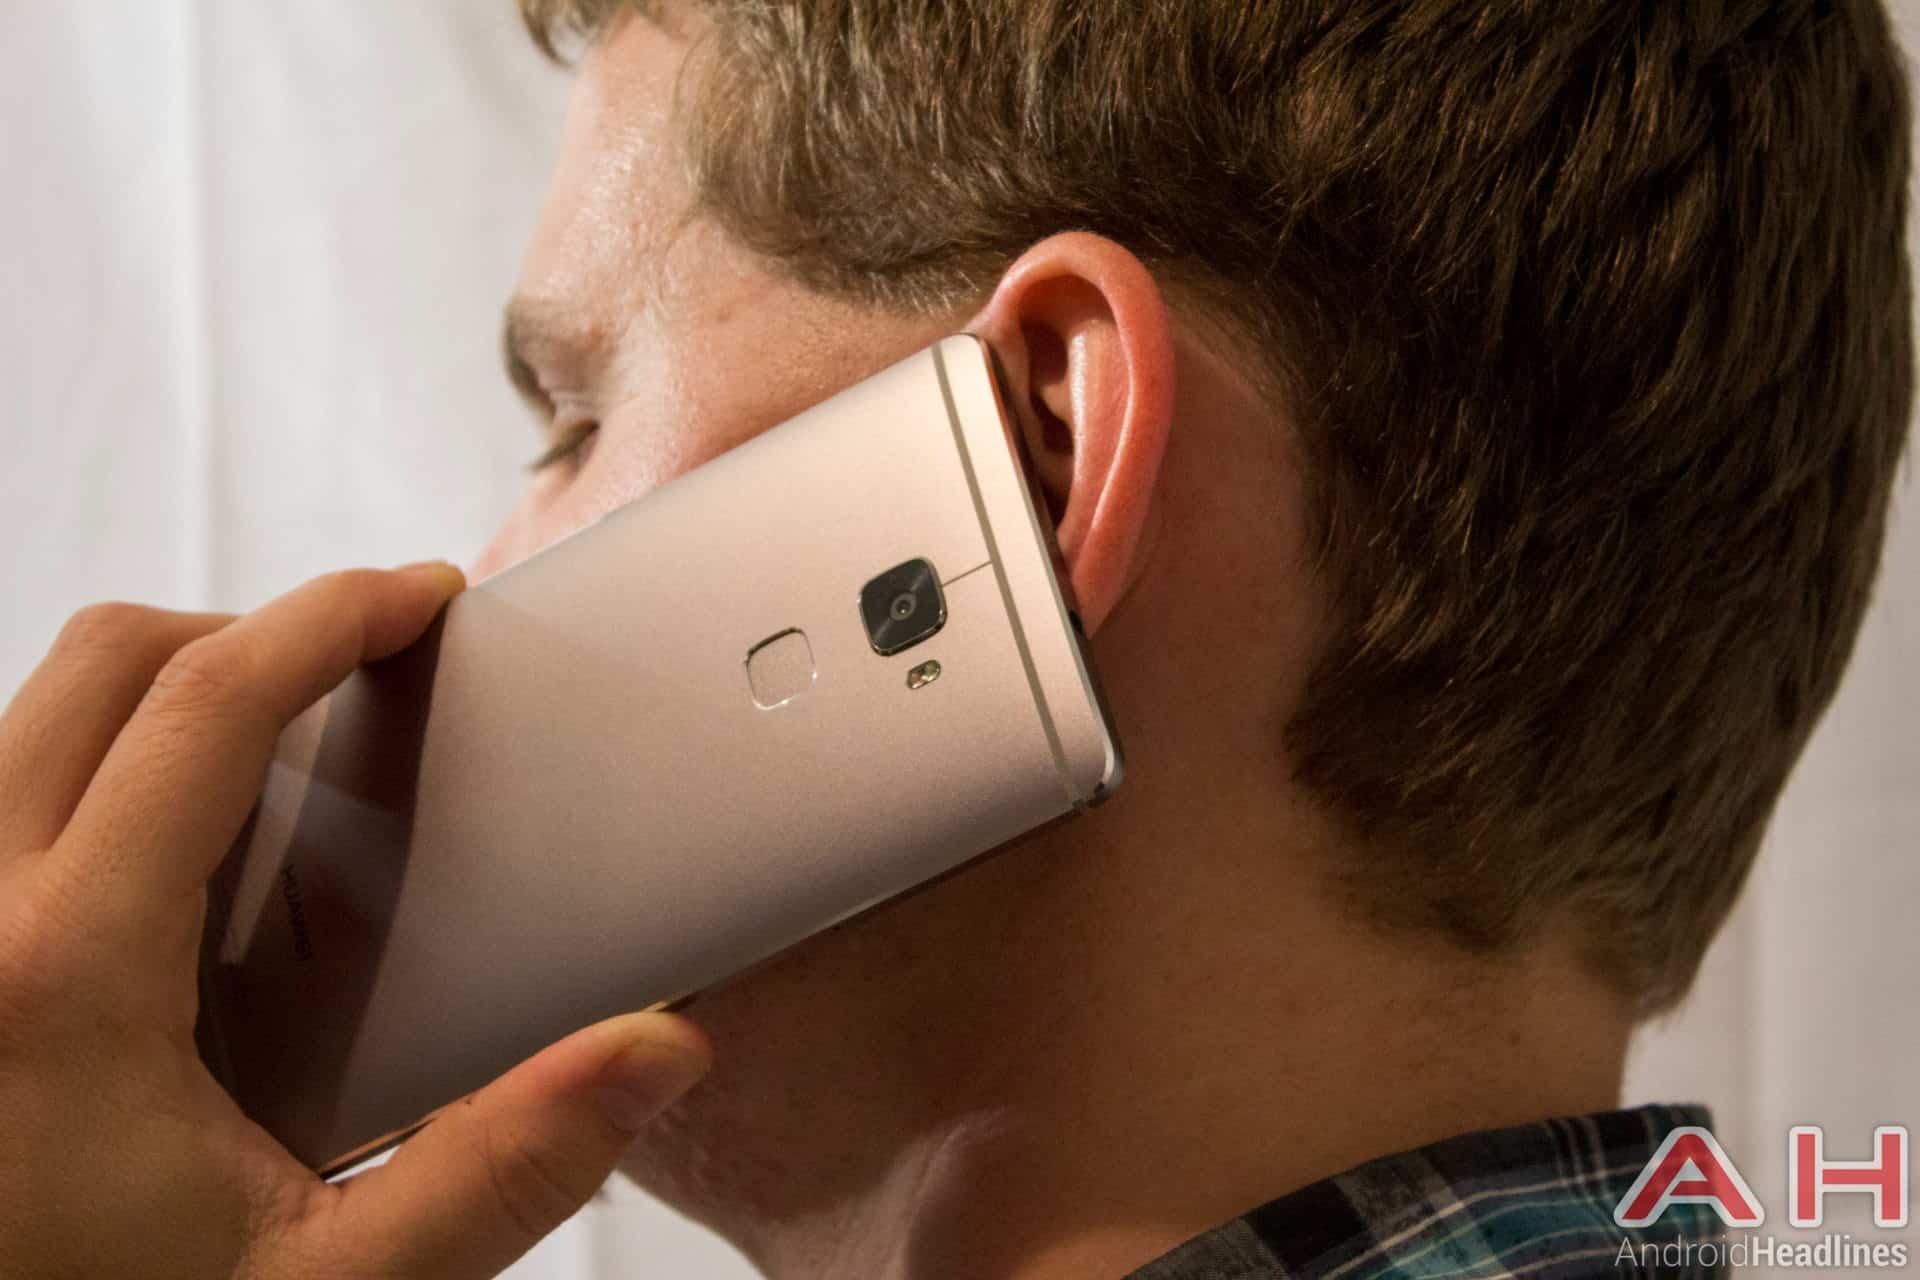 Huawei-Mate-S-AH-NS-phone